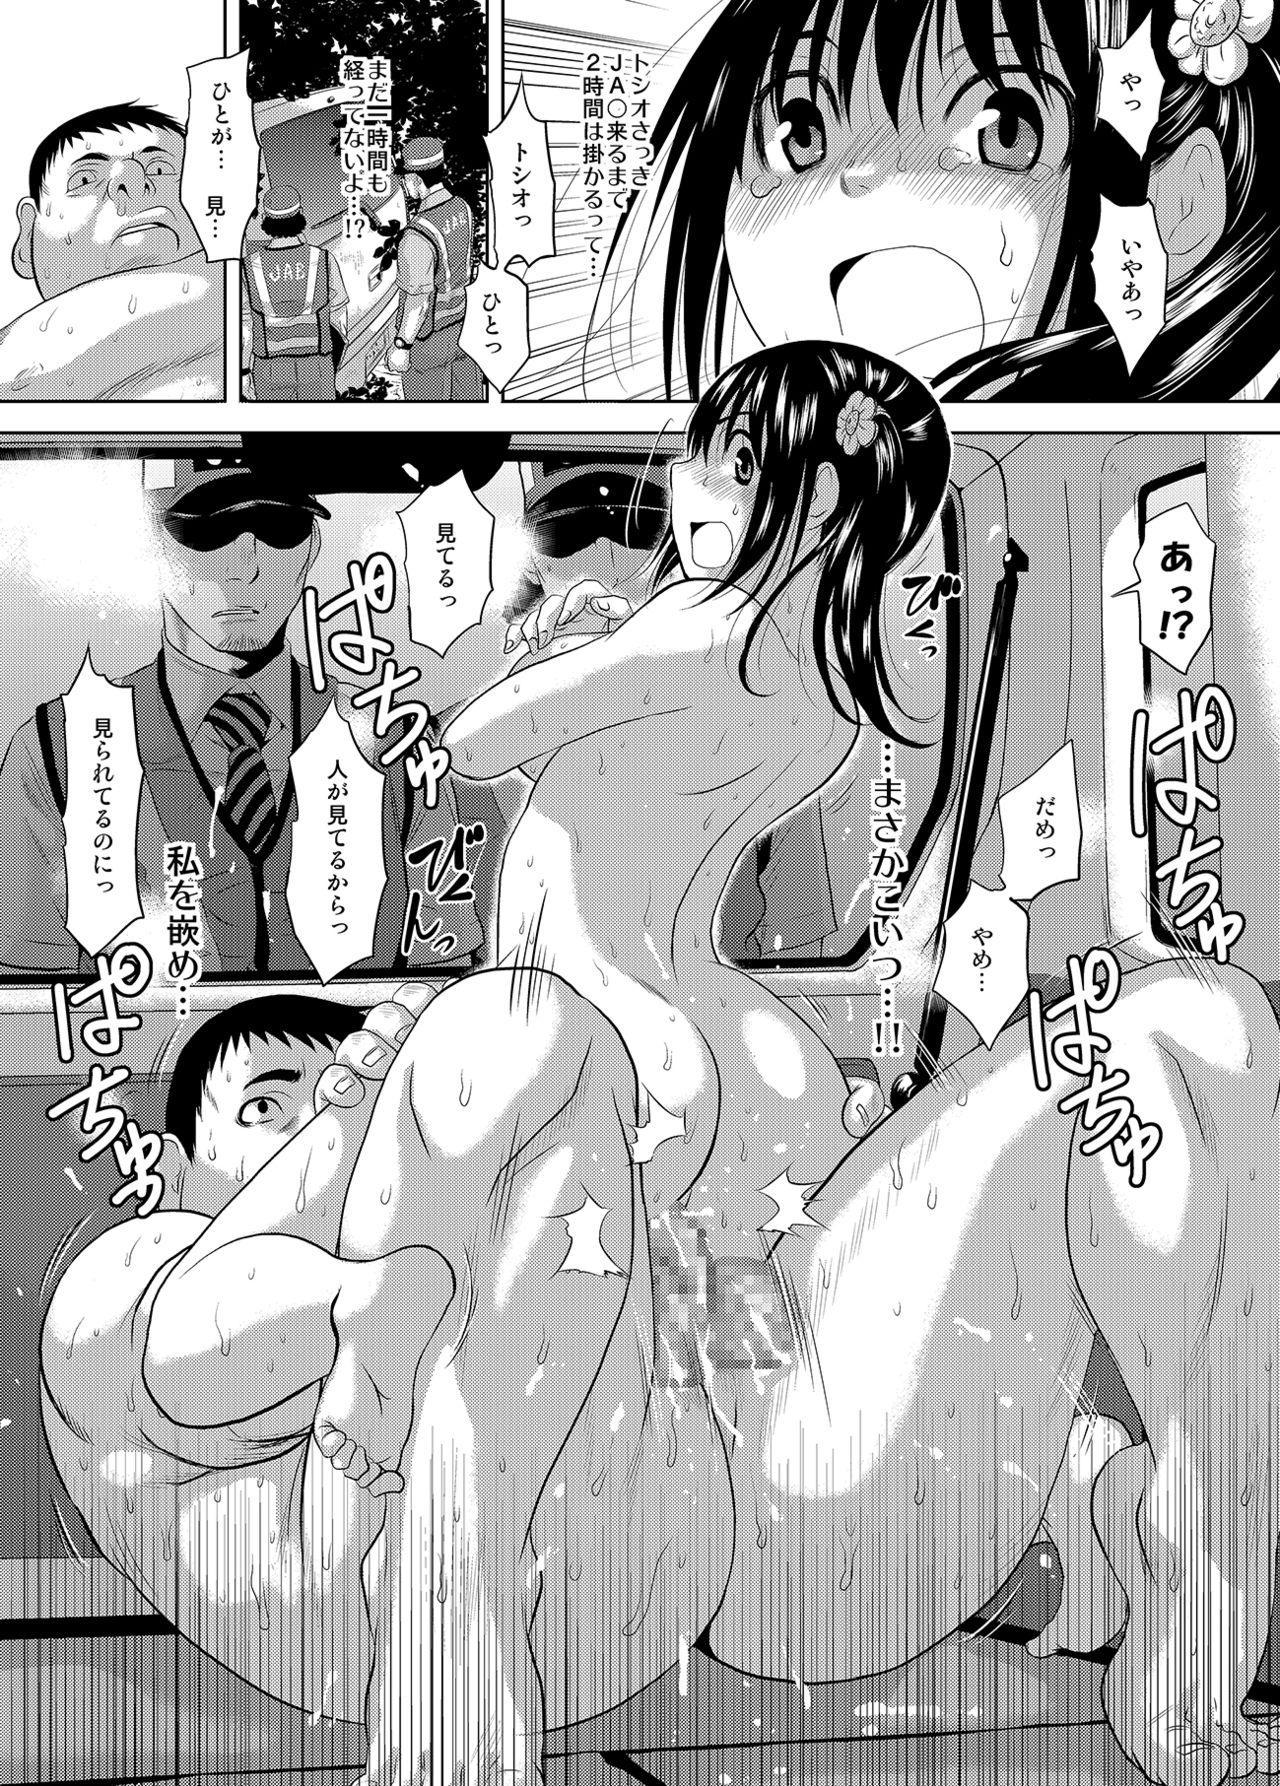 Mukashi kara Baka ni Shiteita Itoko no Kanninbukuro no O ga Kireta Kekka, Futarikiri no Semai Shanai de Karada o Moteasobareta Natsu no Hi no Koto. 54